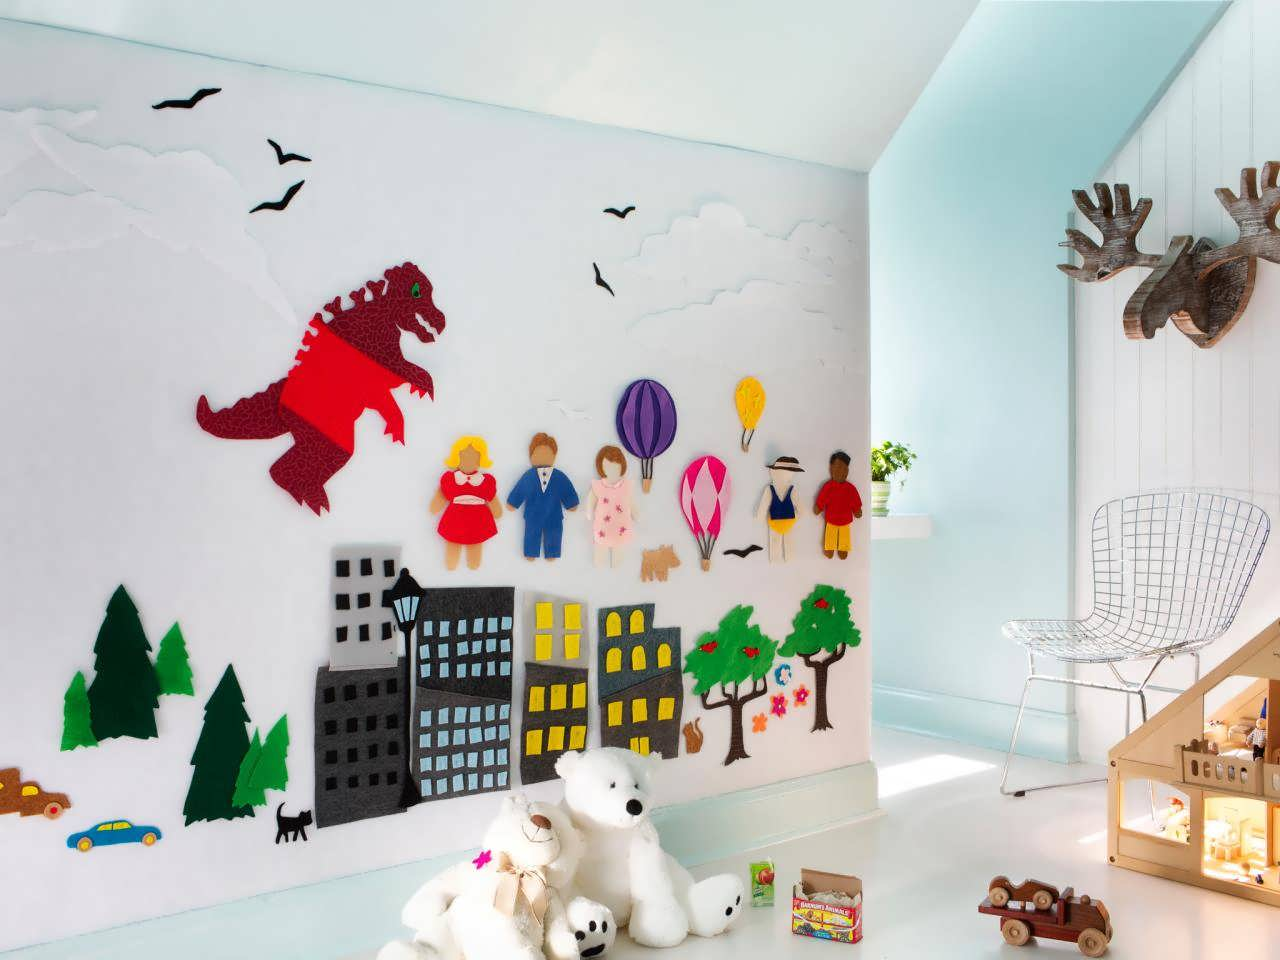 تزیین اتاق کودک با نمد و ایده های متفاوت نمدی